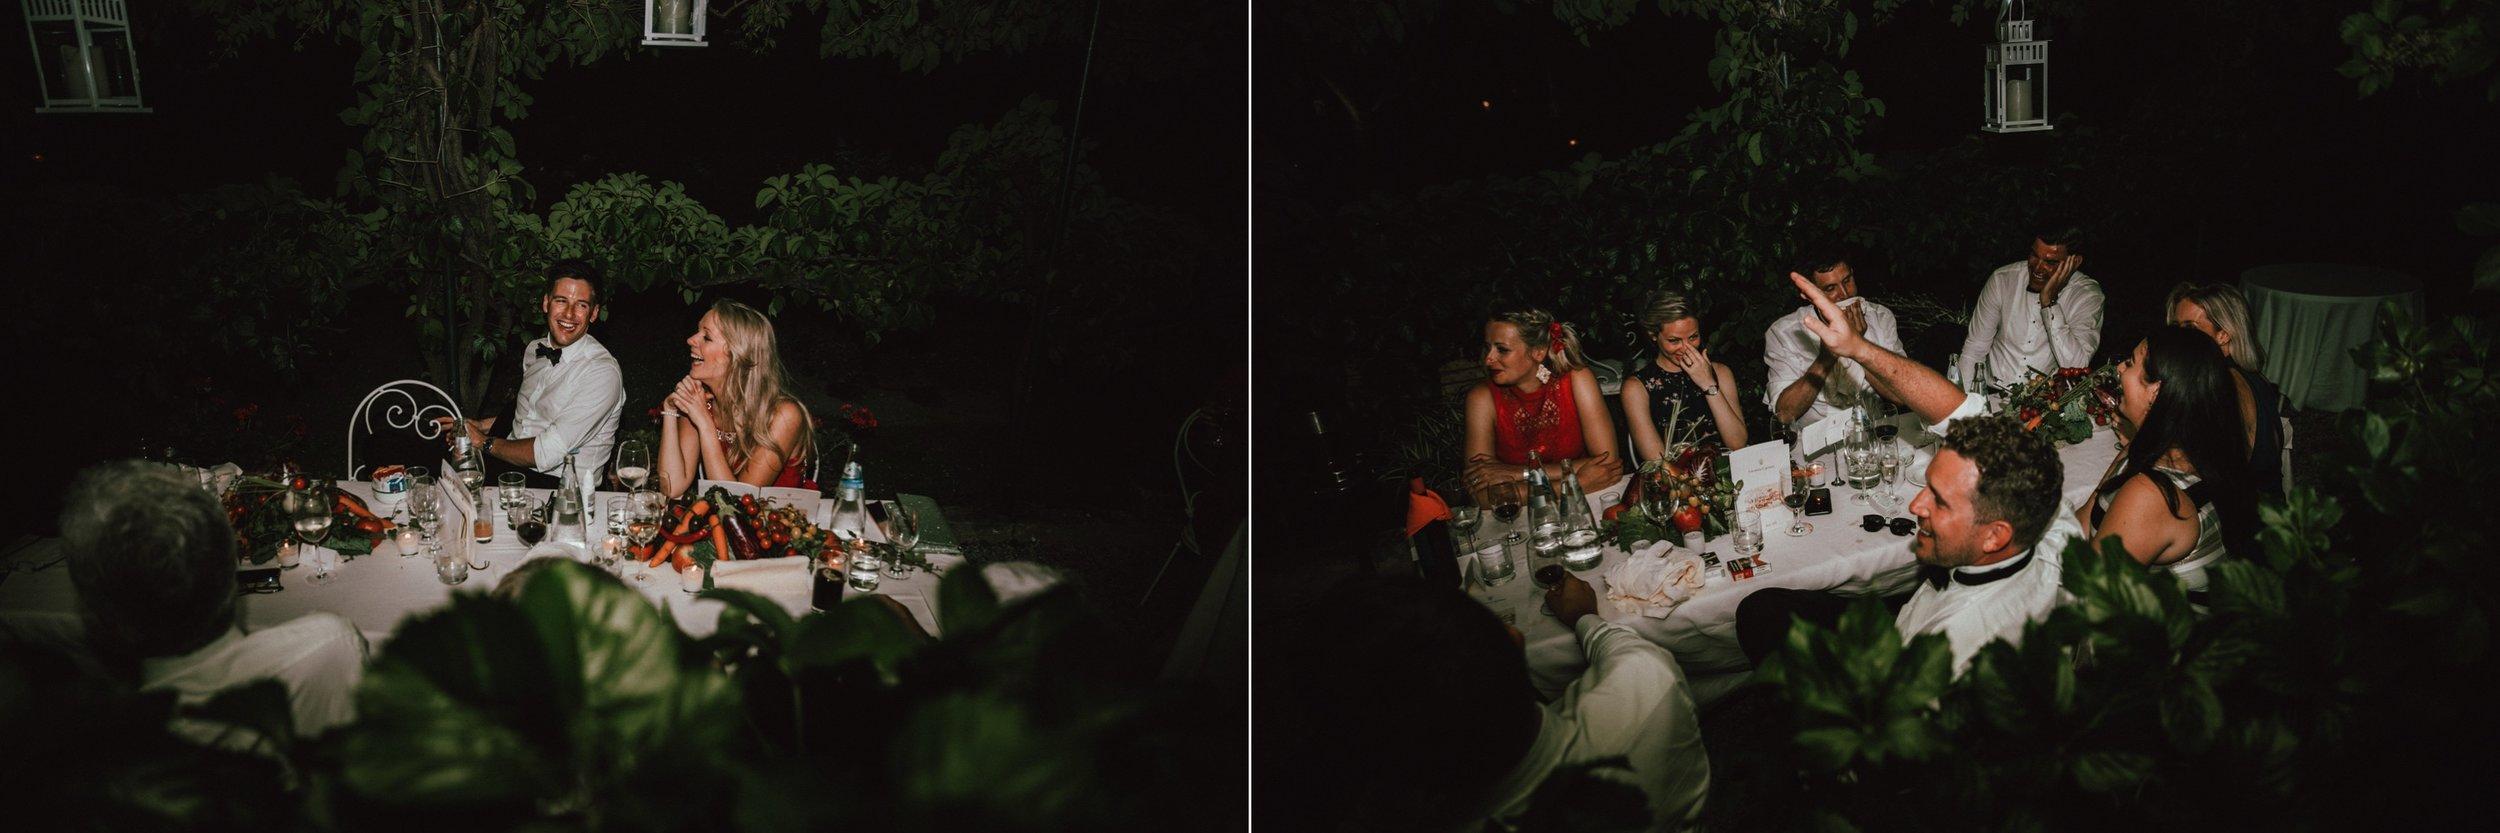 Talal & Milena   Oak & Blossom0029.jpg